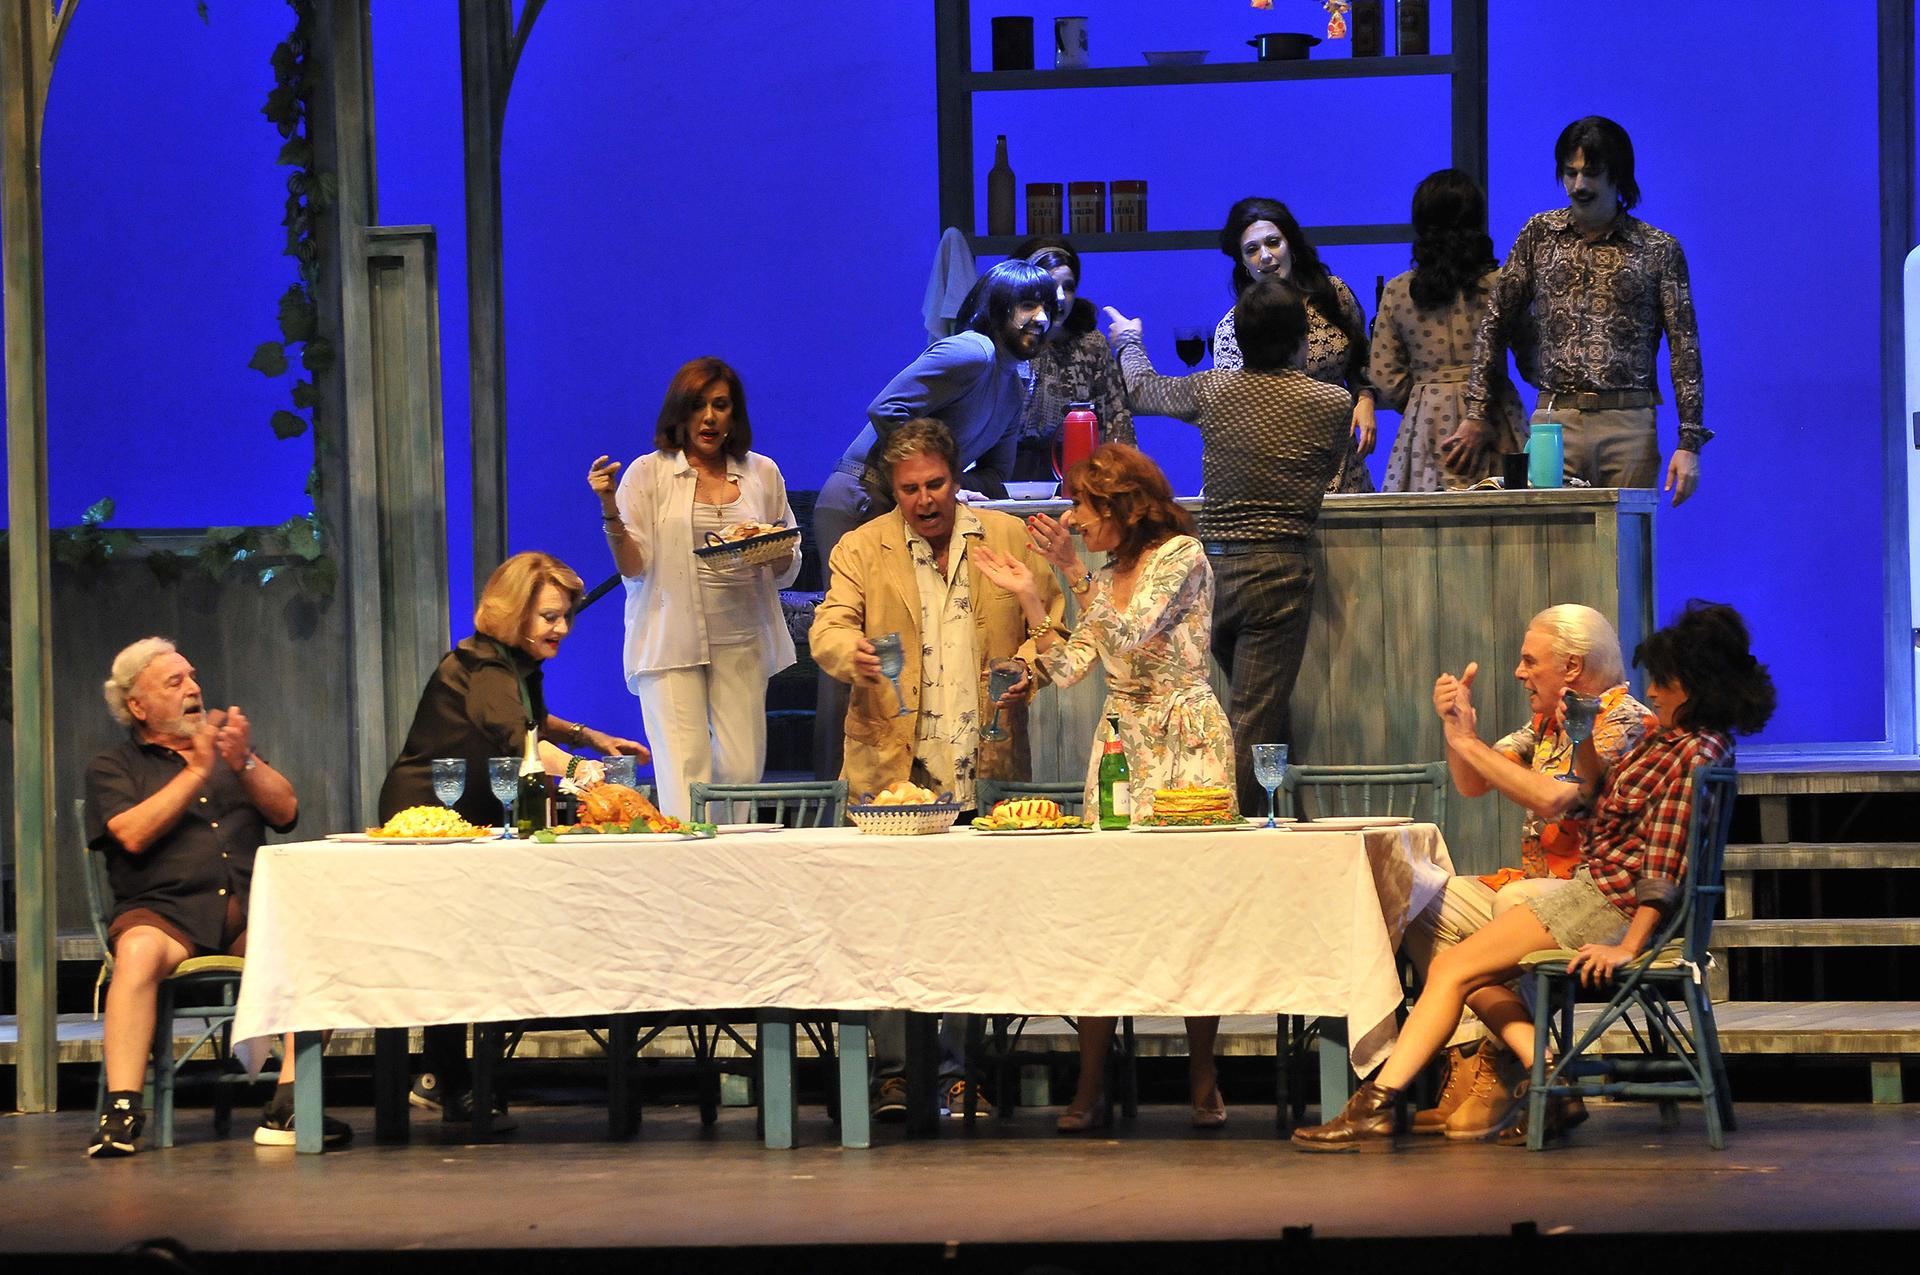 """El musical """"¡Viva la vida!"""" es protagonizado porNora Cárpena, Rodolfo Ranni, Mercedes Carreras, Alberto Martín, Marta Bianchi y Jorge Martínez (Teleshow)"""